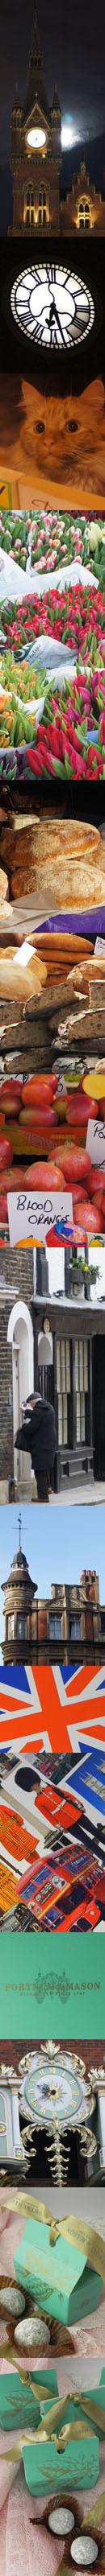 イギリス旅の画像&お土産プレゼント!(プレゼントは、2/27夕方にて終了しました。)